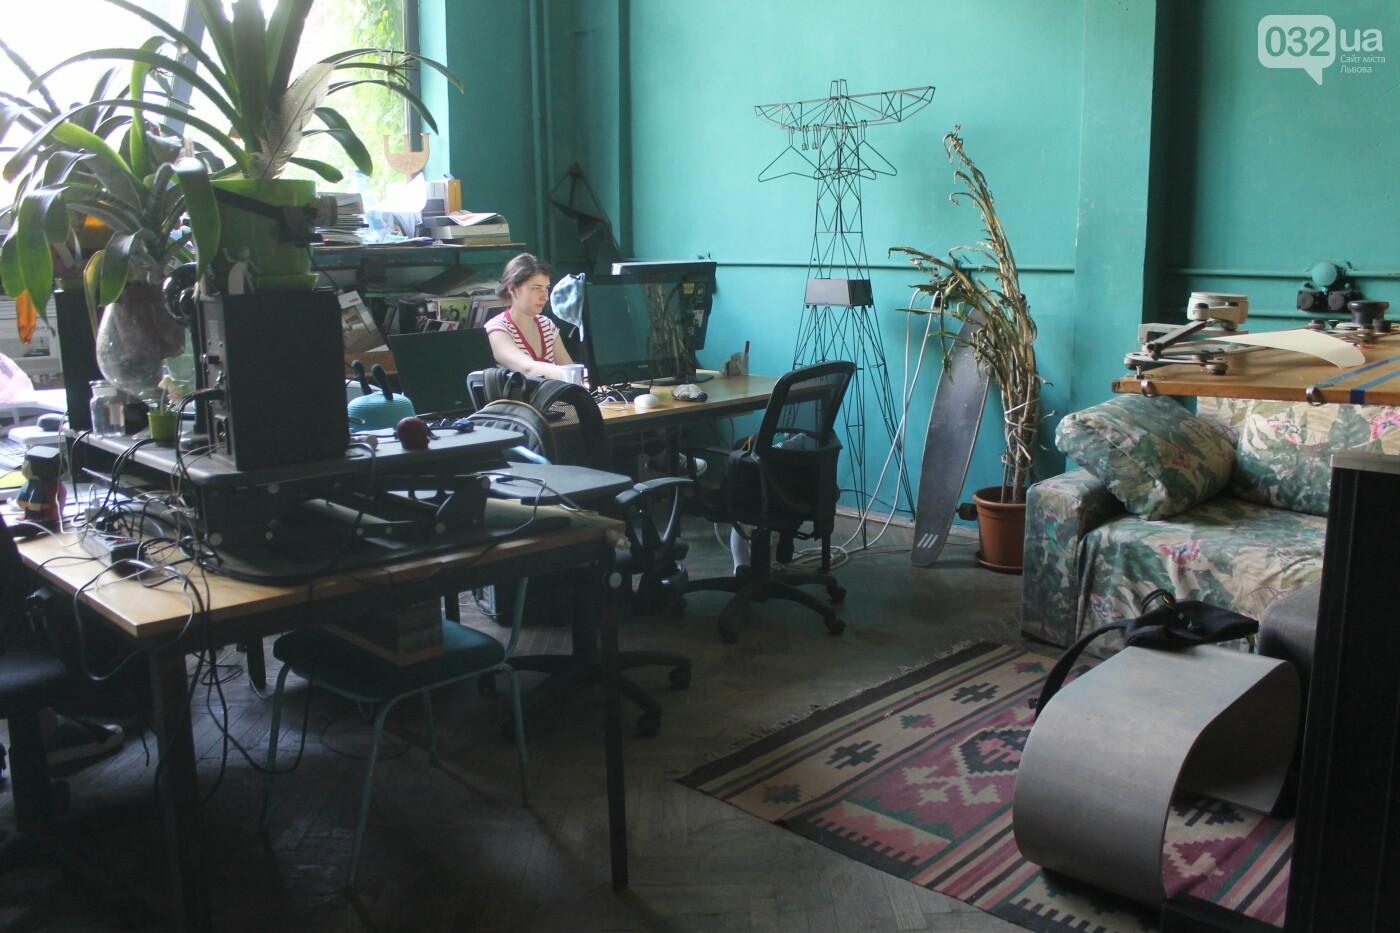 Один день із життя оновленого львівського заводу РЕМА, - ФОТОРЕПОРТАЖ, фото-5